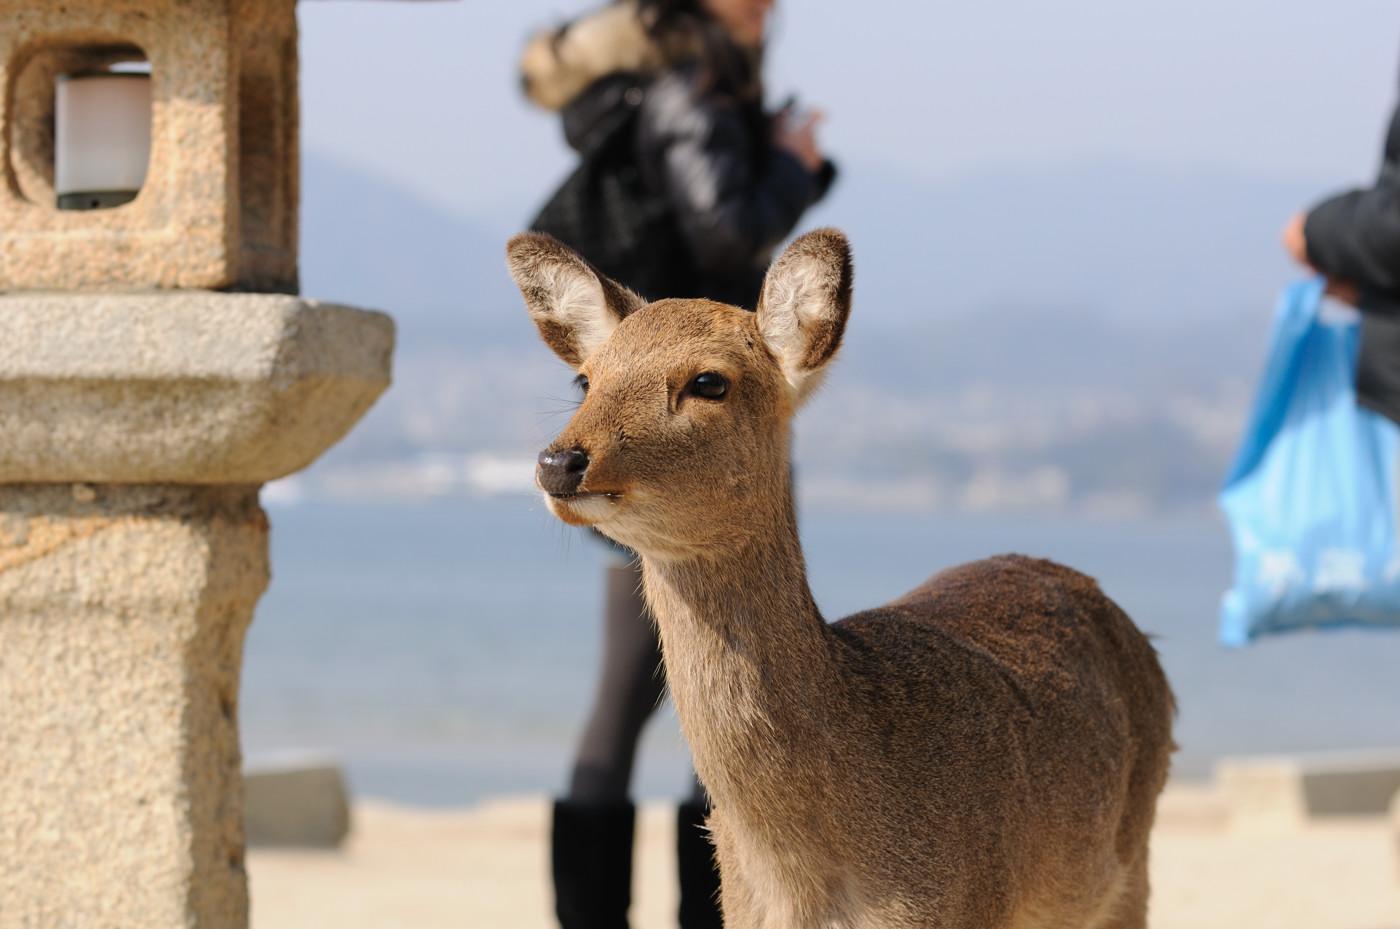 鹿せんべいを食べたい鹿さんその2